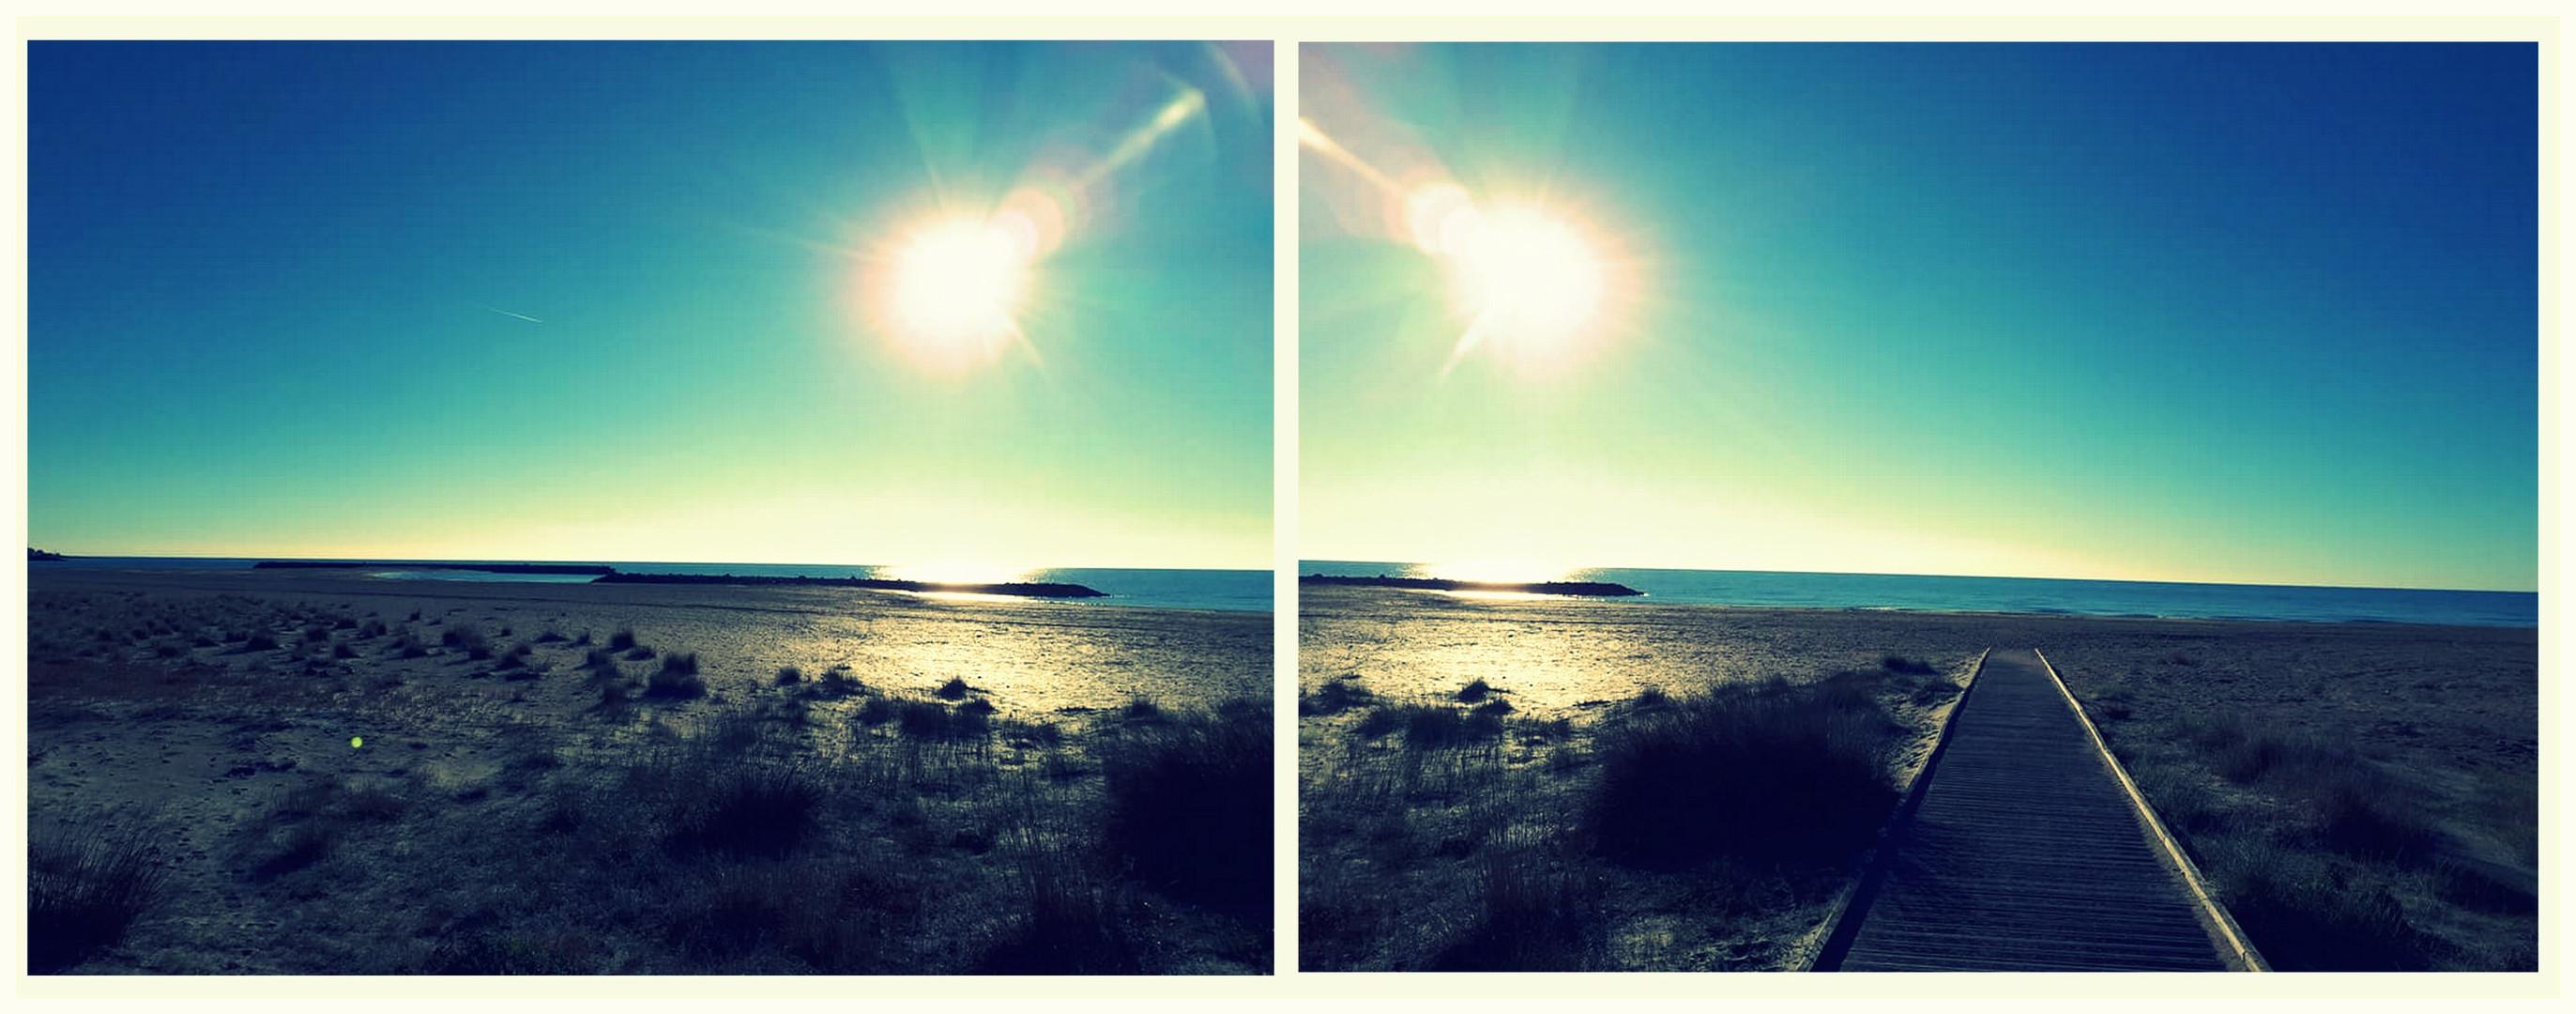 plage soleil.jpg